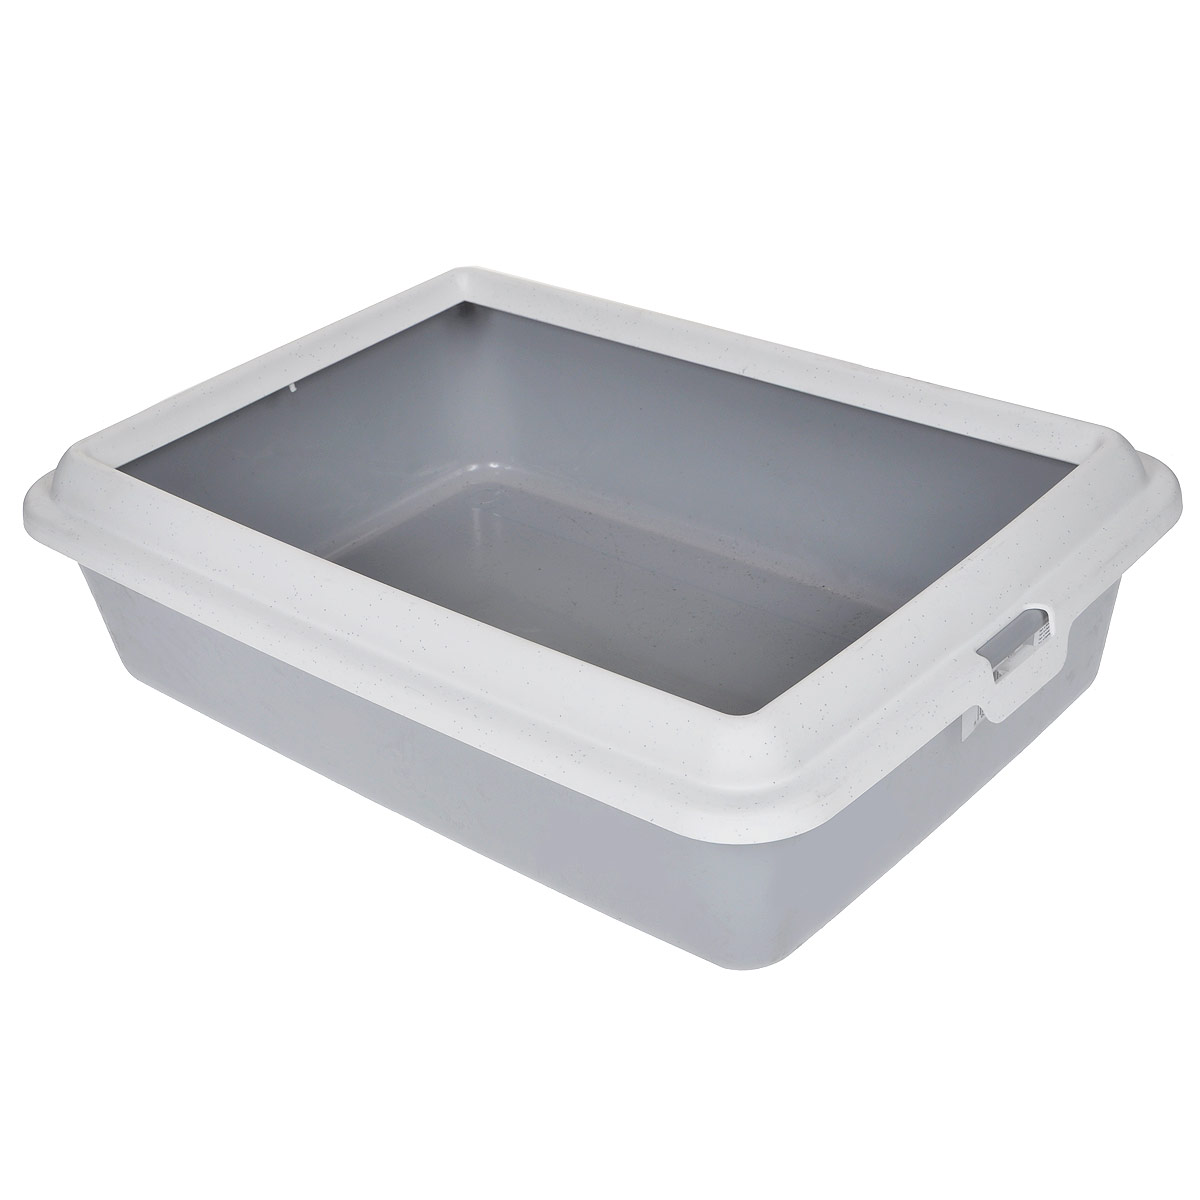 Туалет-лоток для животных MPS Hydra Mini, с рамкой, цвет: серый, 43 см х 31 см х 12 смS08010100Туалет-лоток для животных MPS Hydra Mini выполнен из прочного пластика. Высокие бортики и рама, прикрепленная к лотку, предотвращают разбрасывание наполнителя.Благодаря качественным материалам лоток легко убирается, быстро сохнет и не впитывает посторонние запахи.